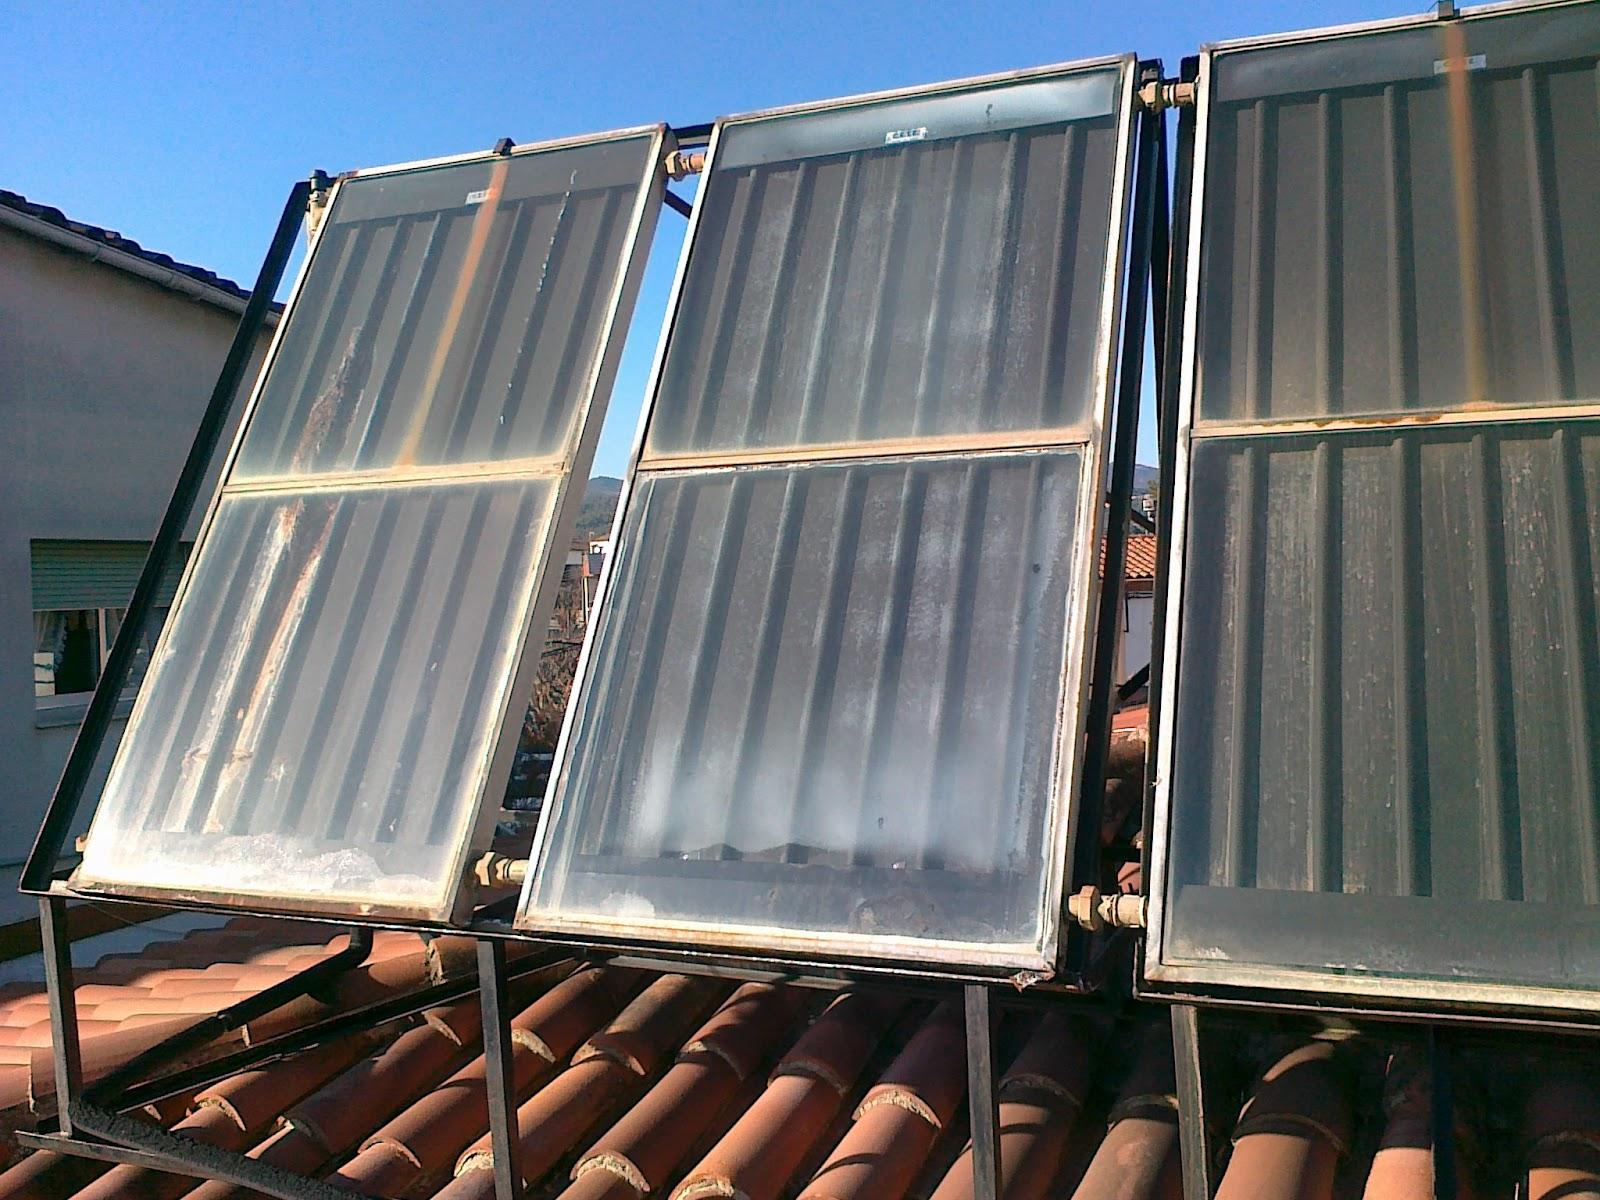 Amortizaci n de placas solares para calentar agua caliente sanitaria aerotermia y geotermia - Instalador de placas solares ...